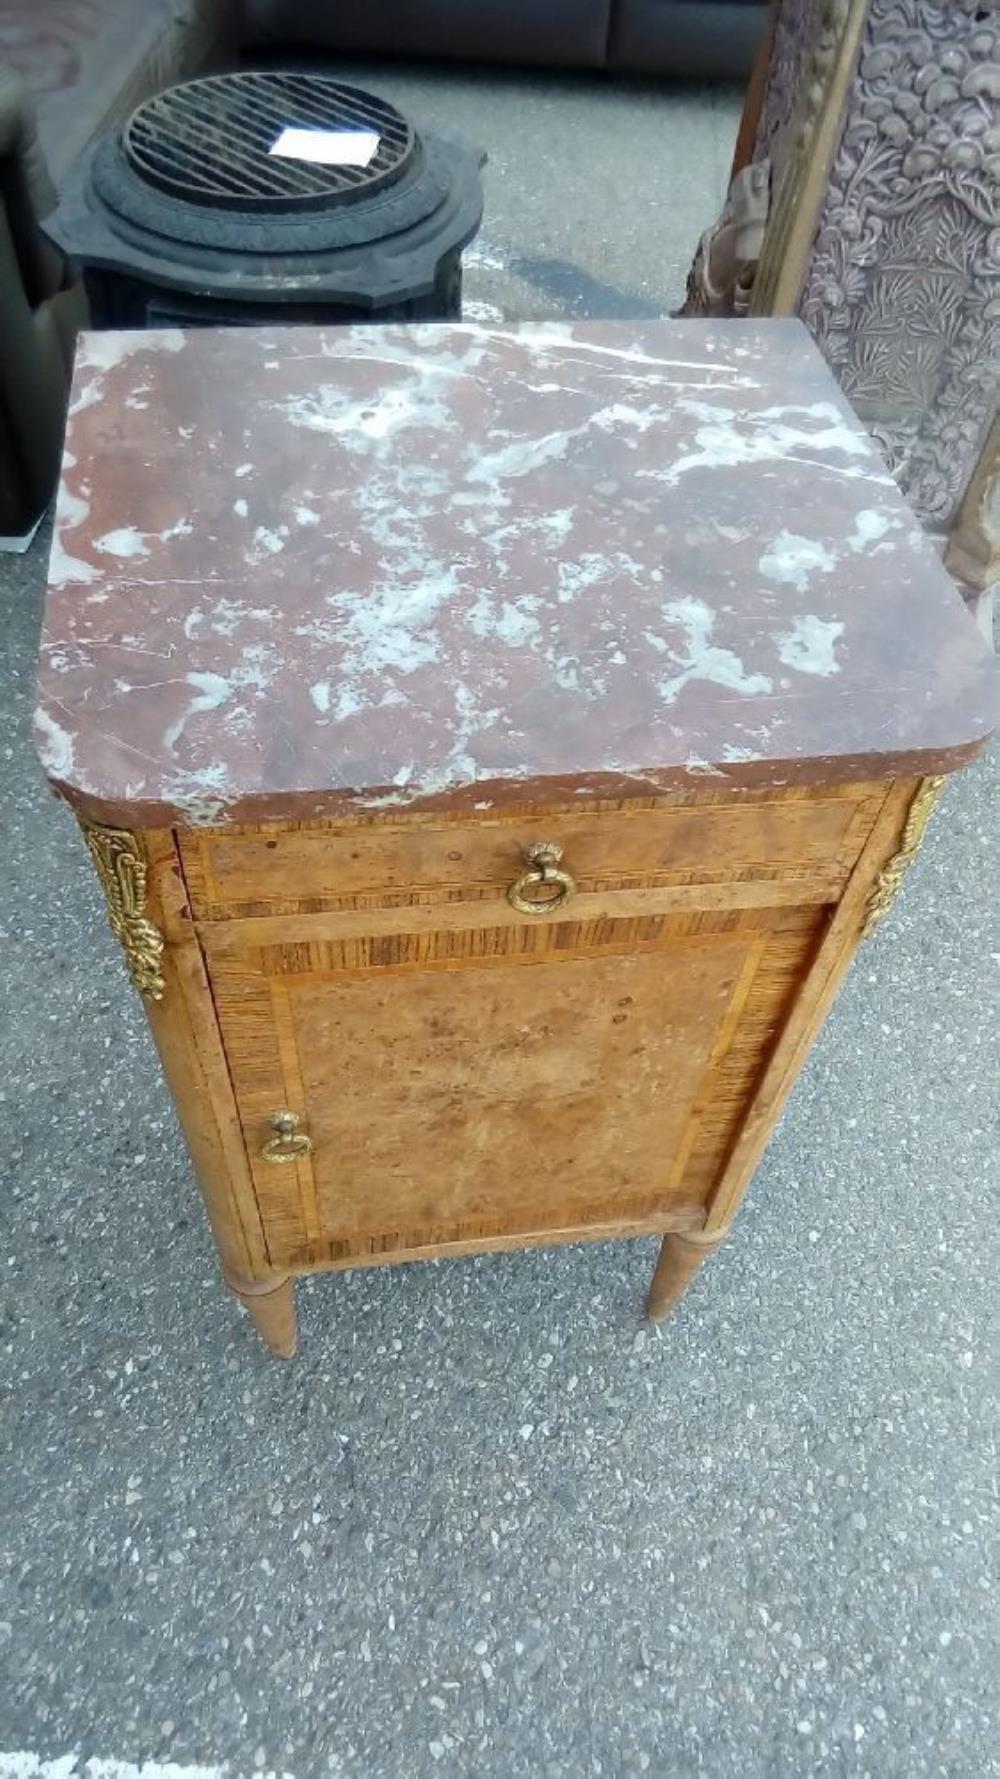 Table de chevet plateau marbre occasion troc richwiller - Table de chevet marbre ...